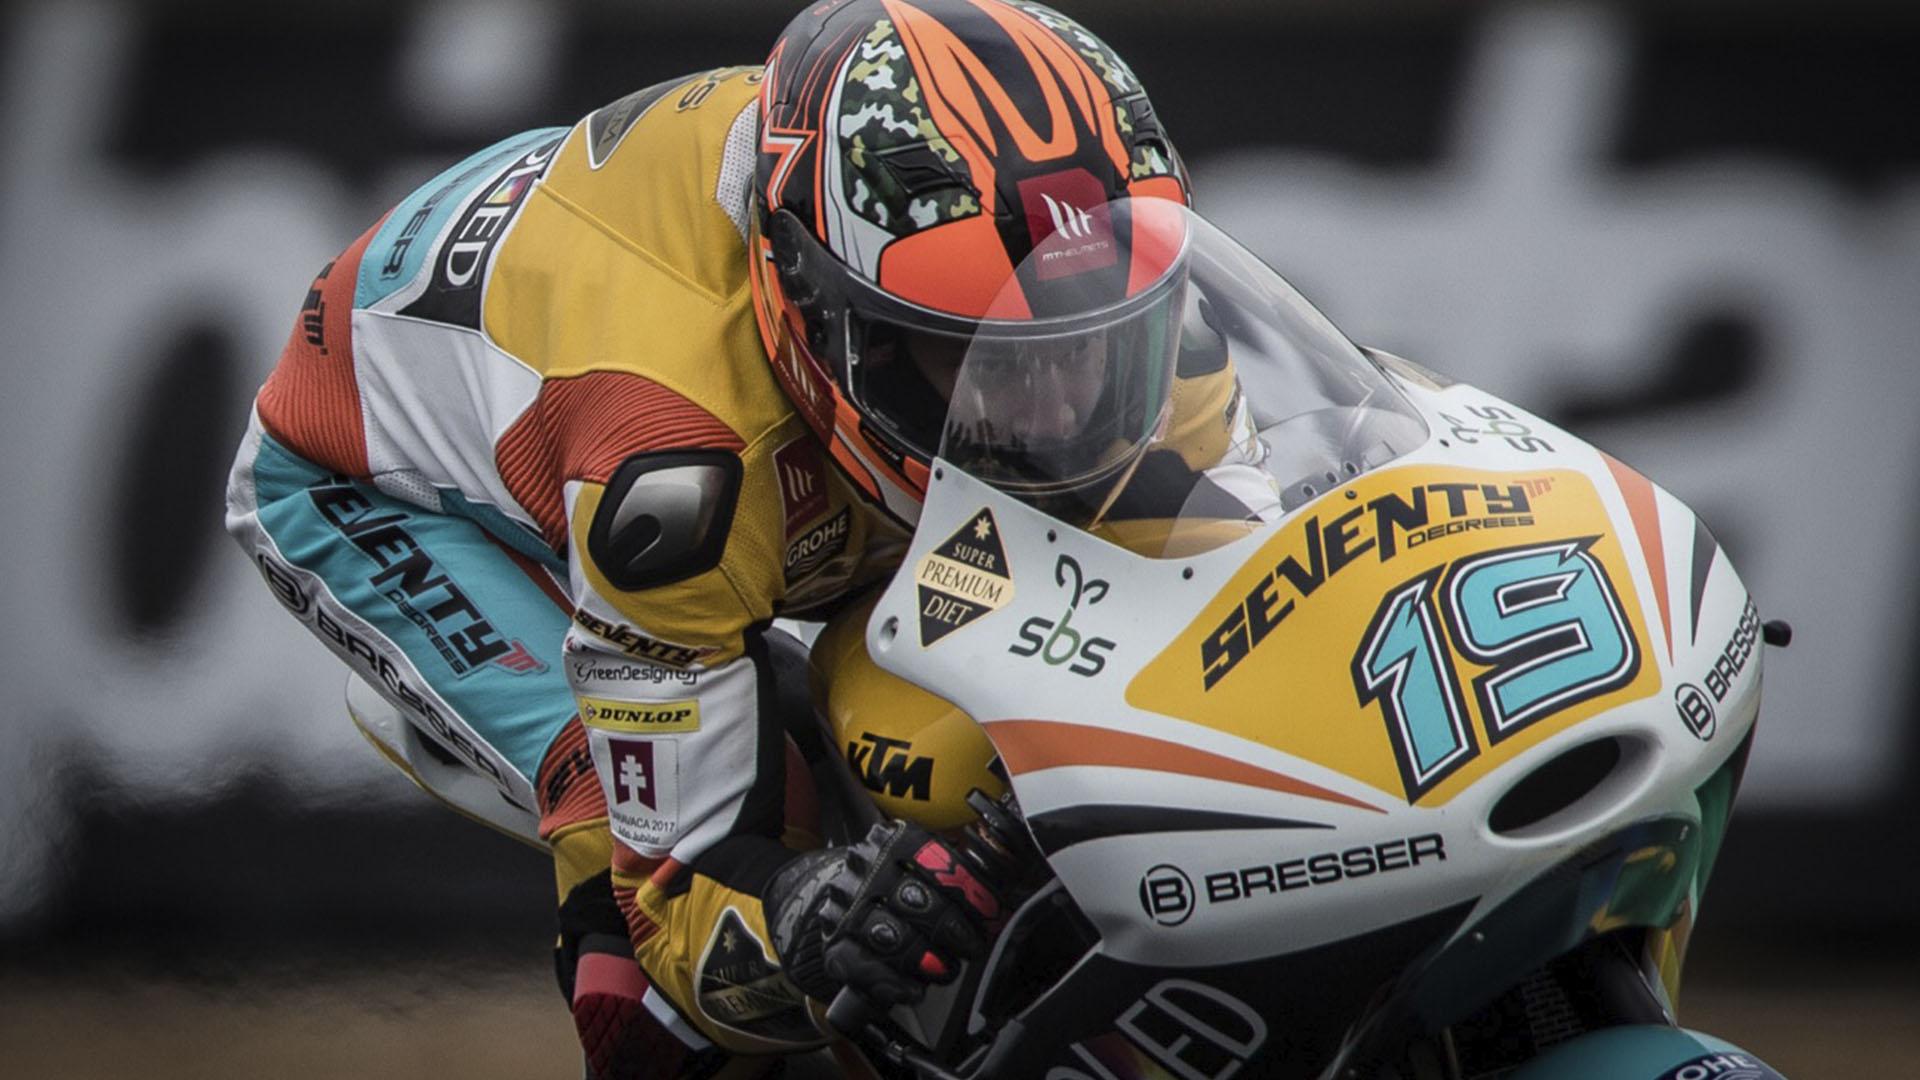 Gabriel Rodrigo Piloto de Moto (6)